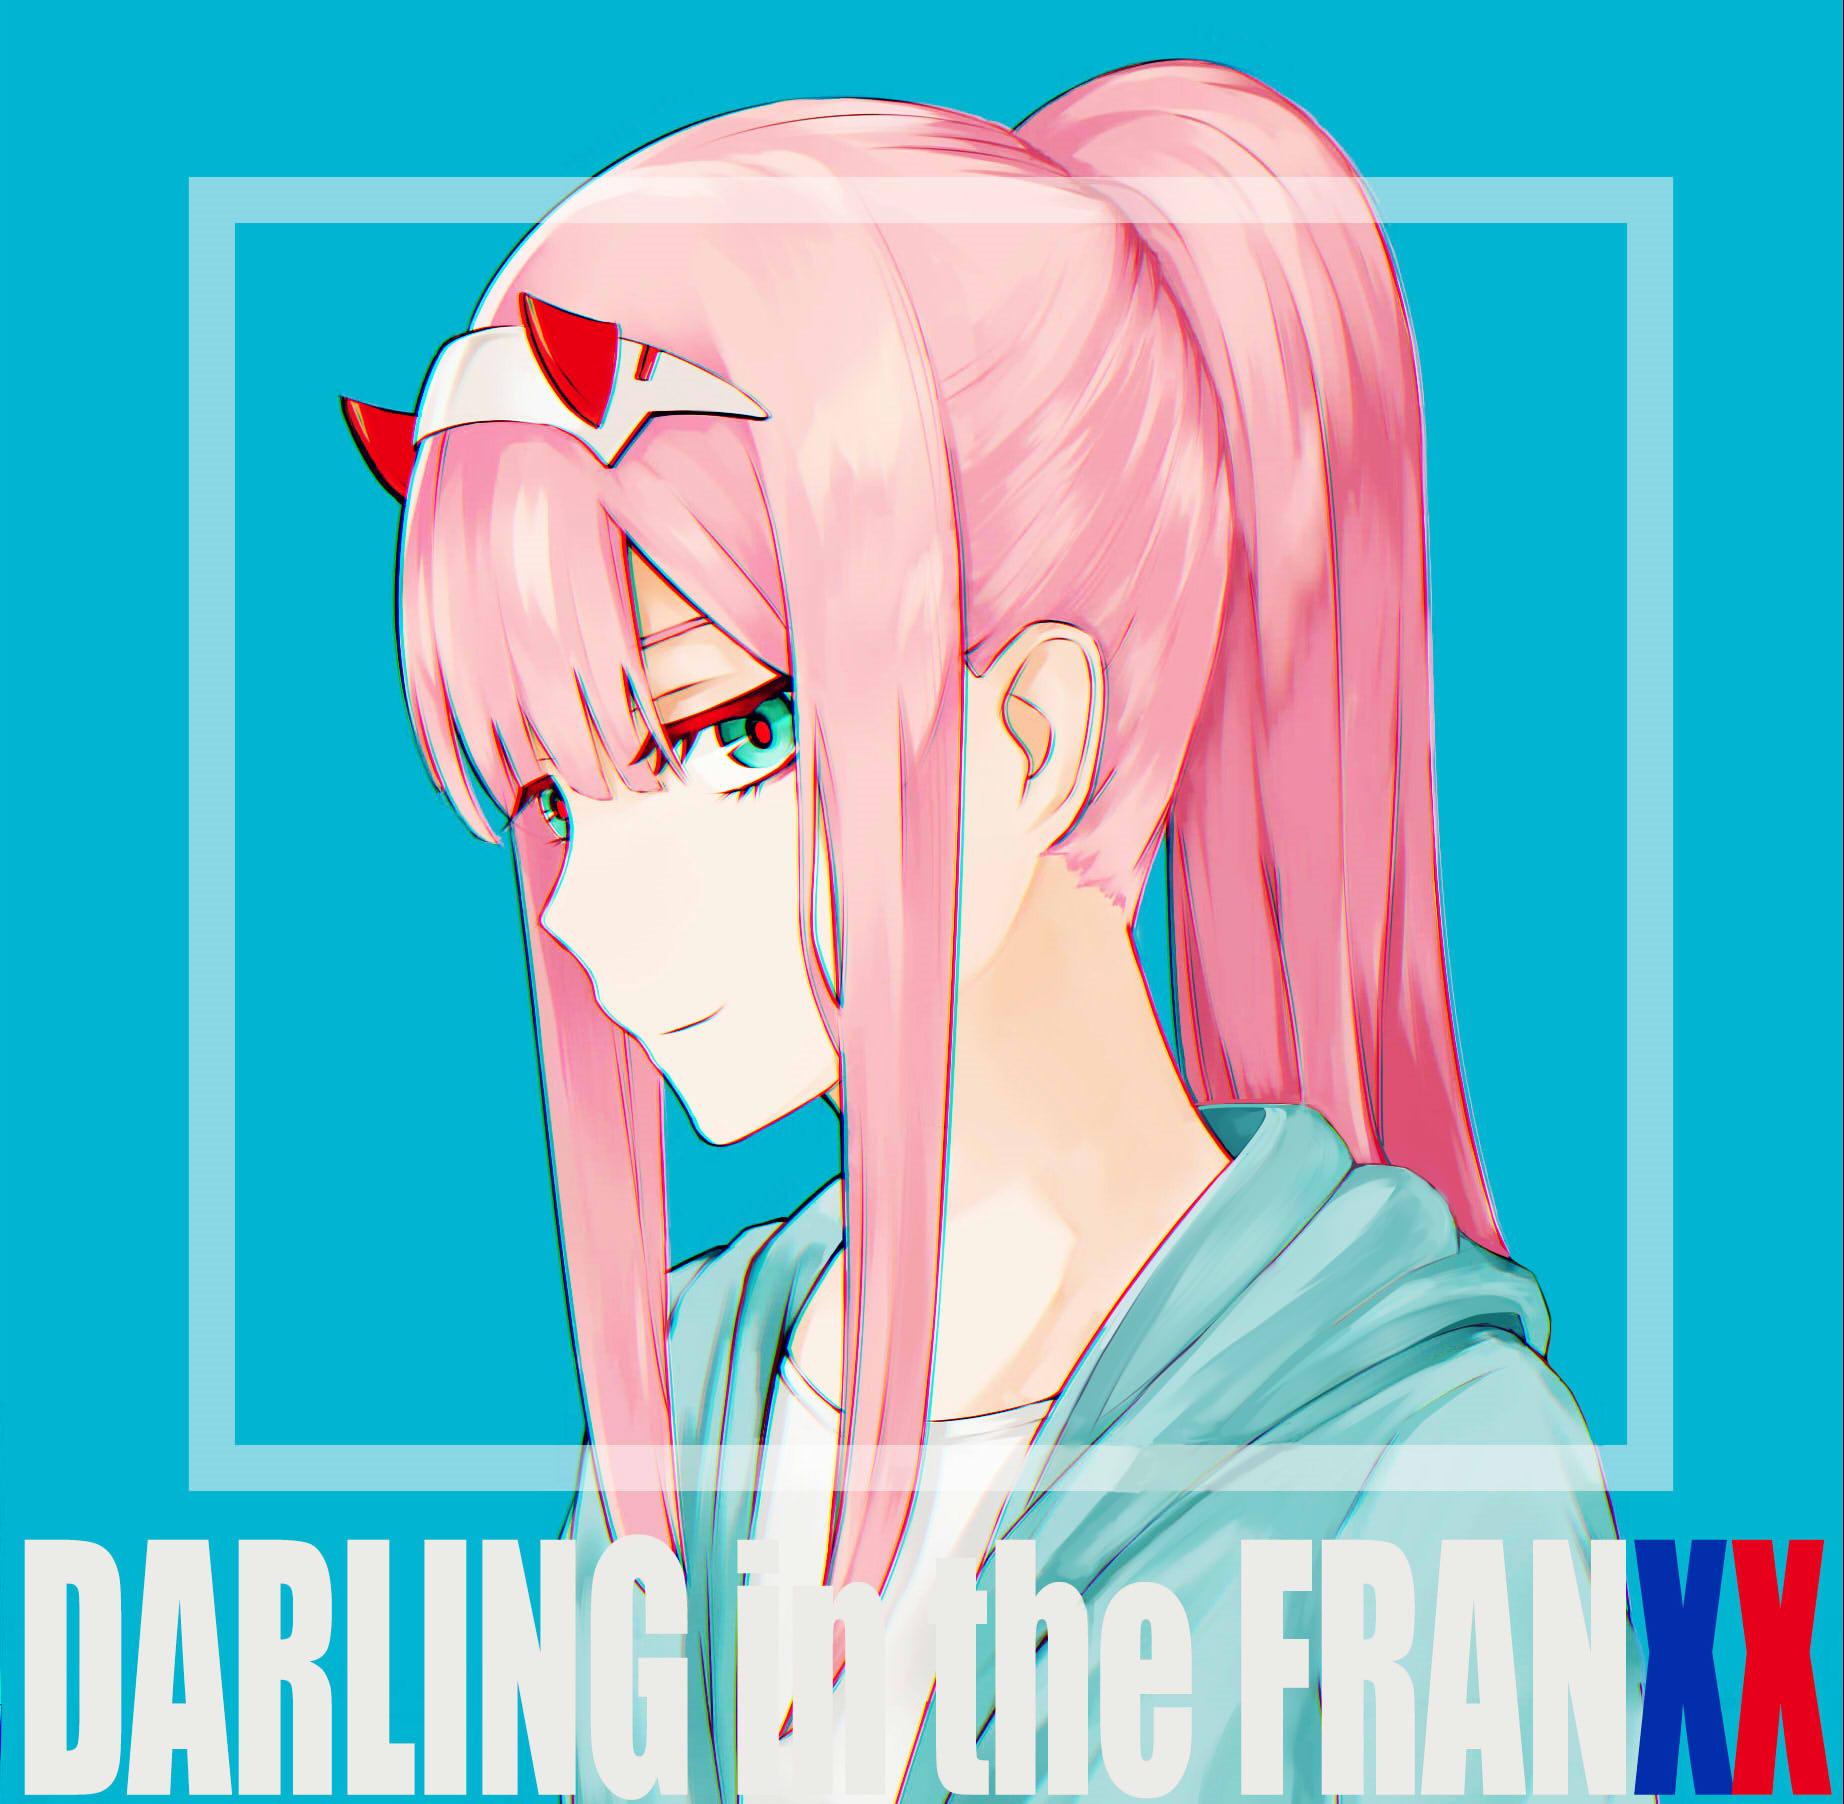 《Darling in the Franxx》02美图壁纸推荐